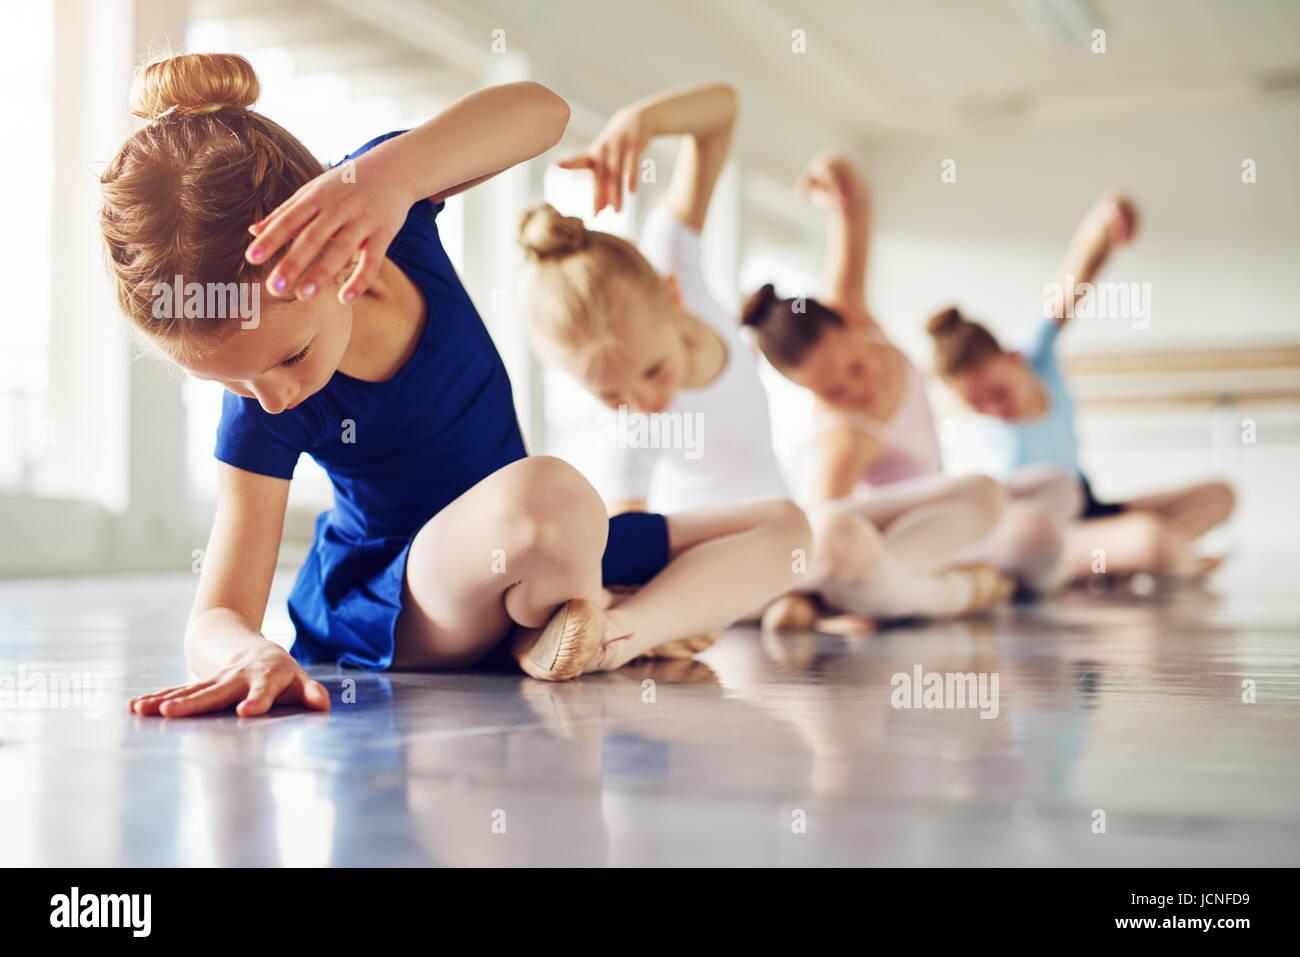 Poco ballerine facendo esercizi e piegatura di seduta sul pavimento nella classe di balletto. Immagini Stock